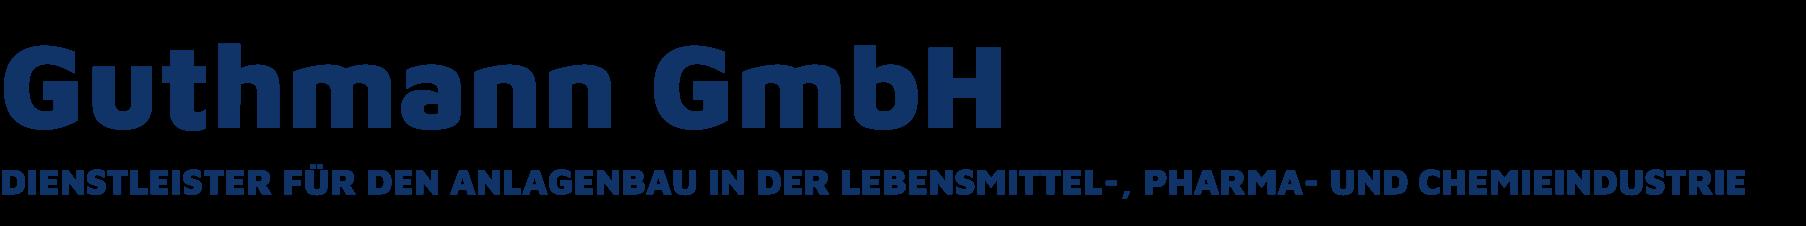 Guthmann GmbH